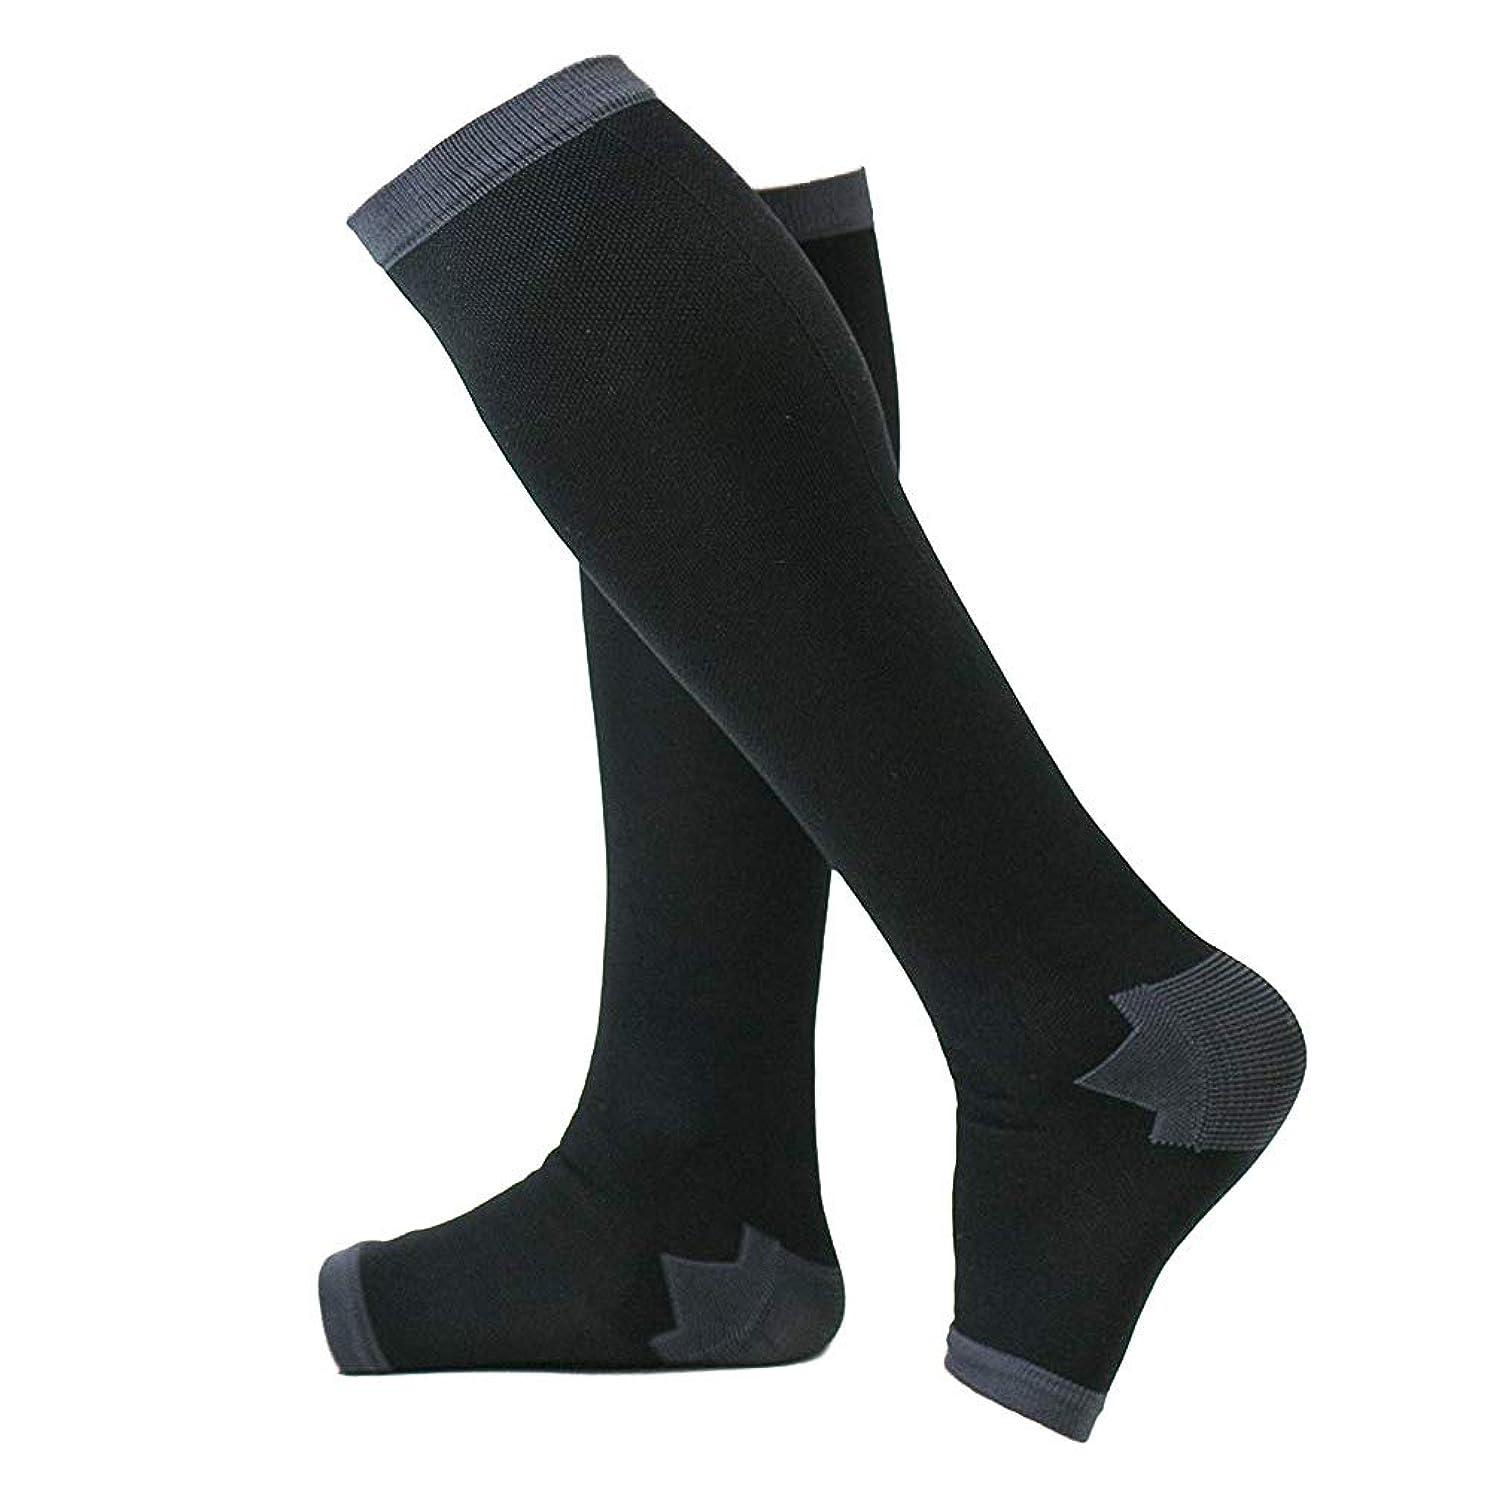 壊れたボランティア入場冷え性対策 男性専用脚すっきり対策オープントゥ着圧ソックス 膝下 L-LL